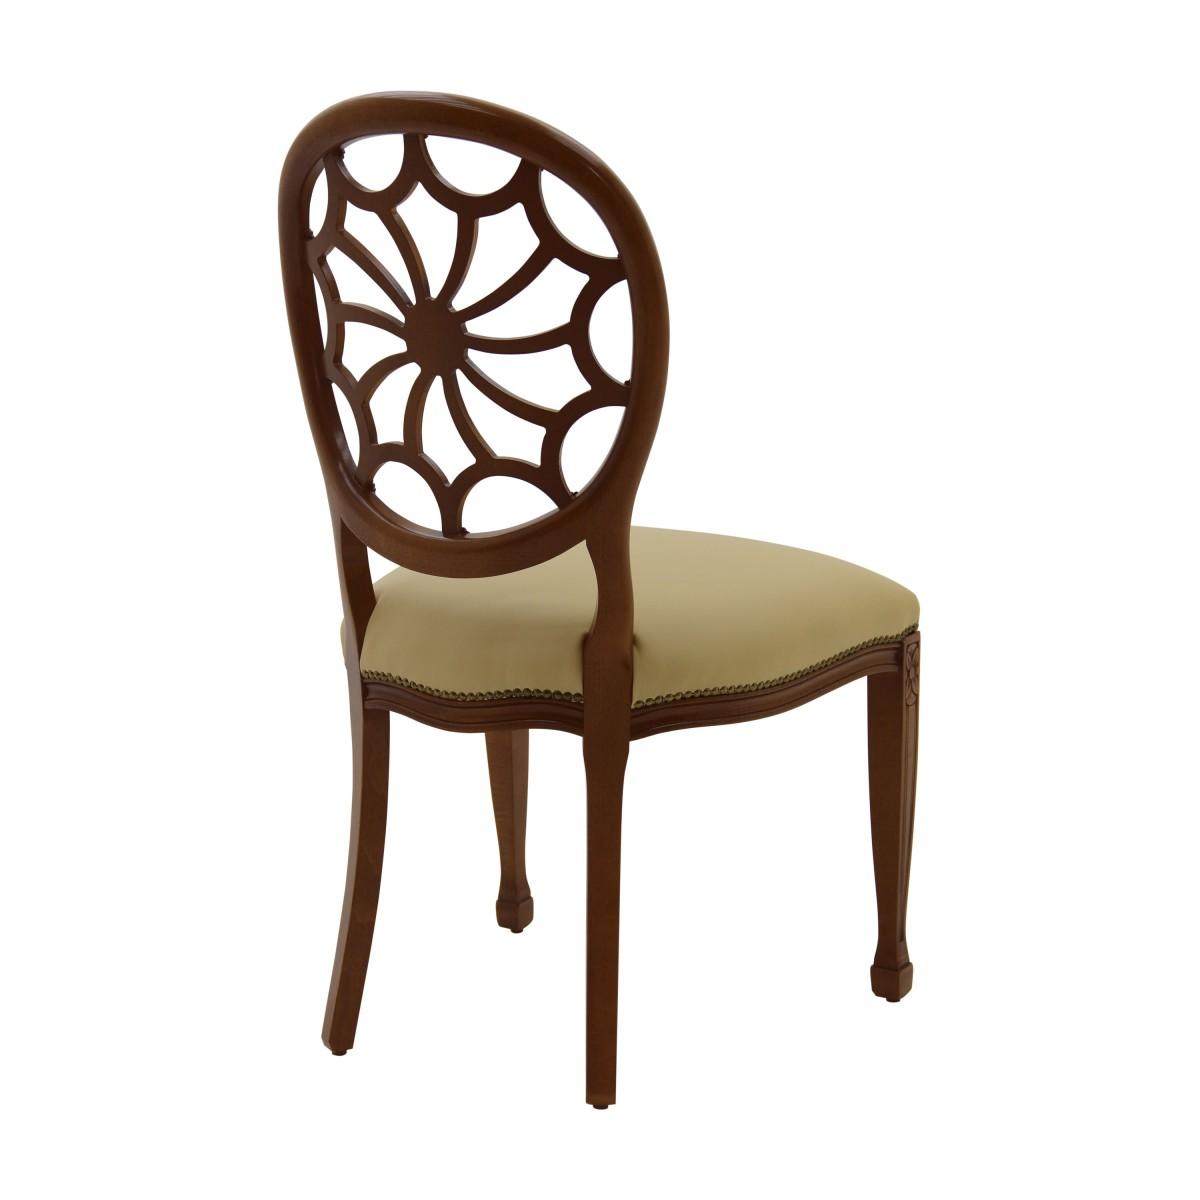 Chair Sole - Sevensedie